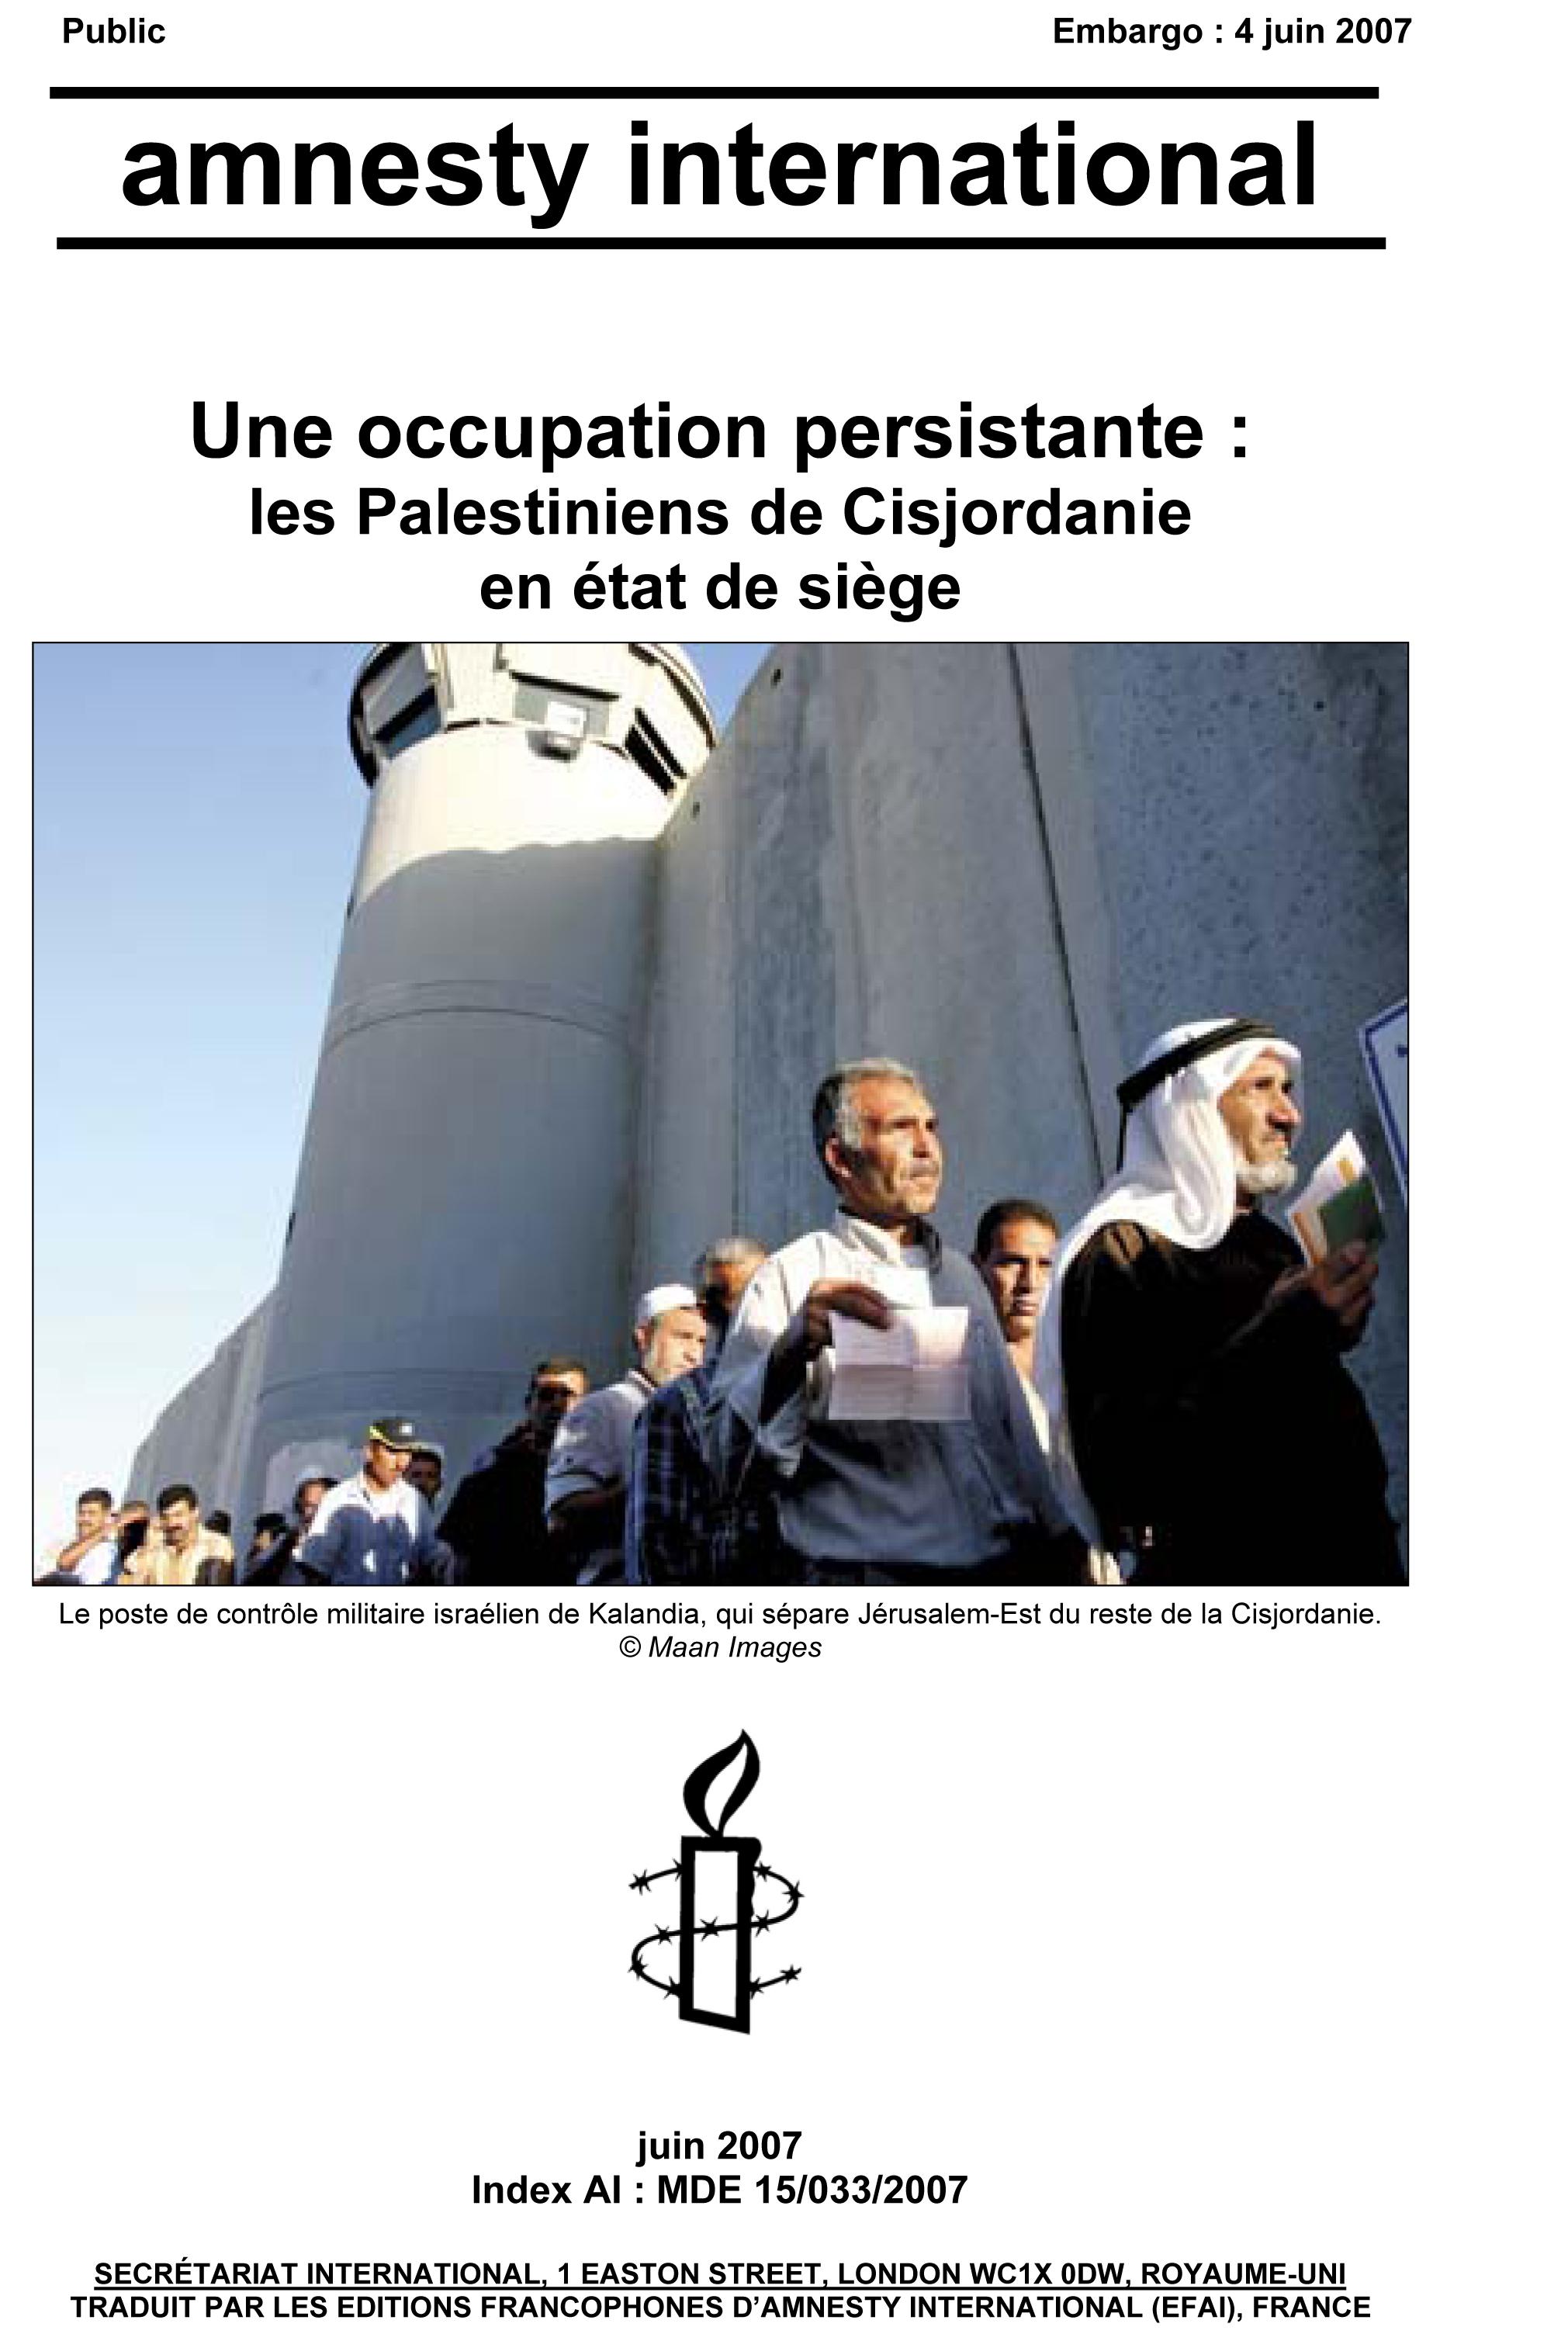 les palestiniens de Cisjordanie en état de siège